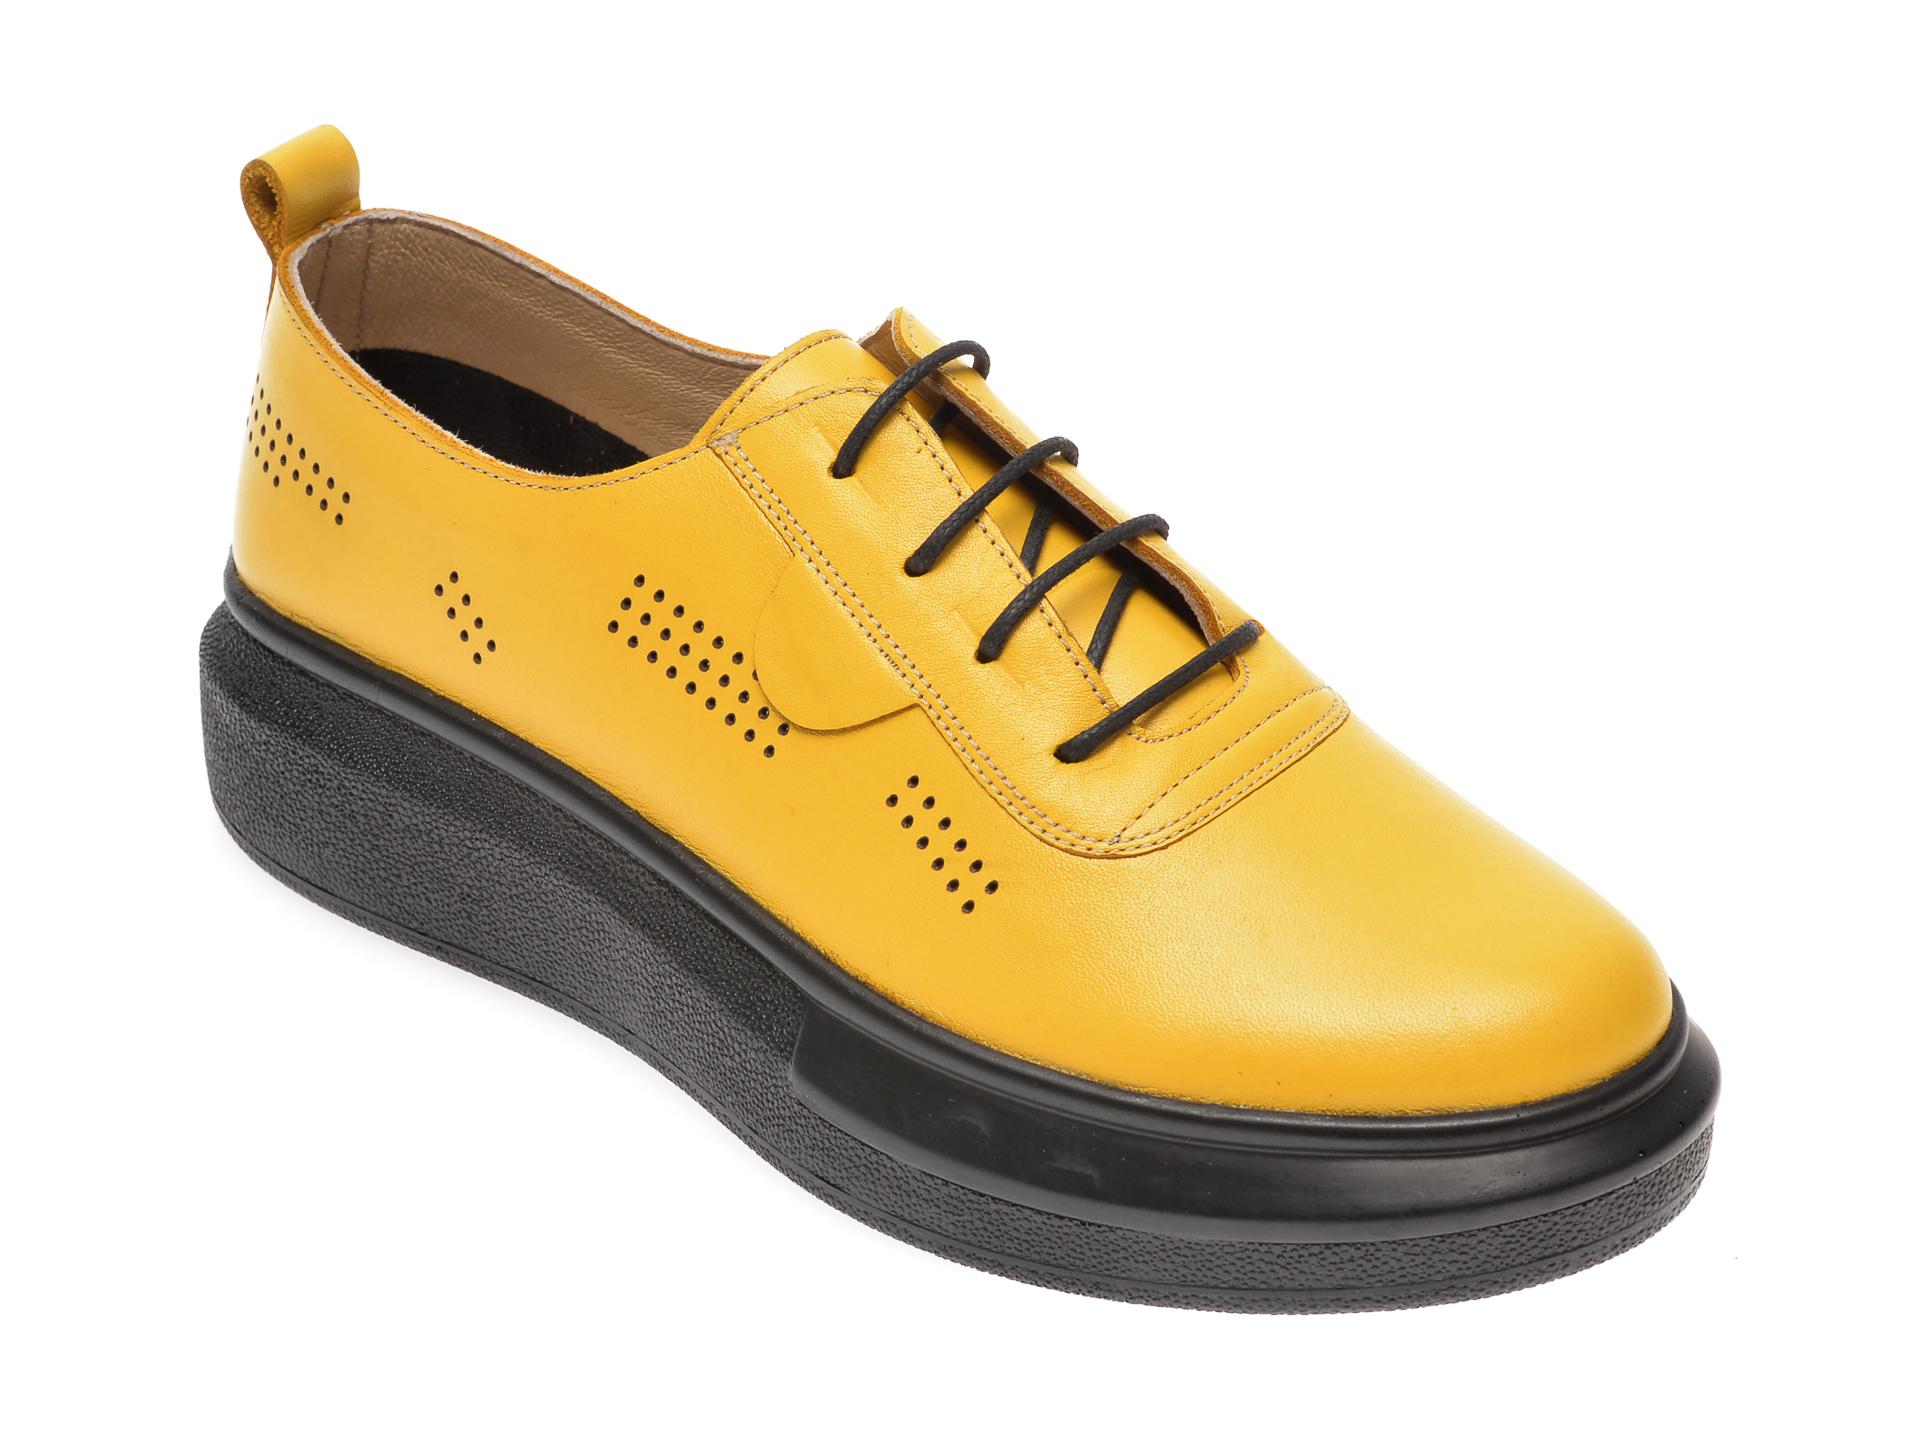 Pantofi PASS COLLECTION galbeni, 92100, din piele naturala